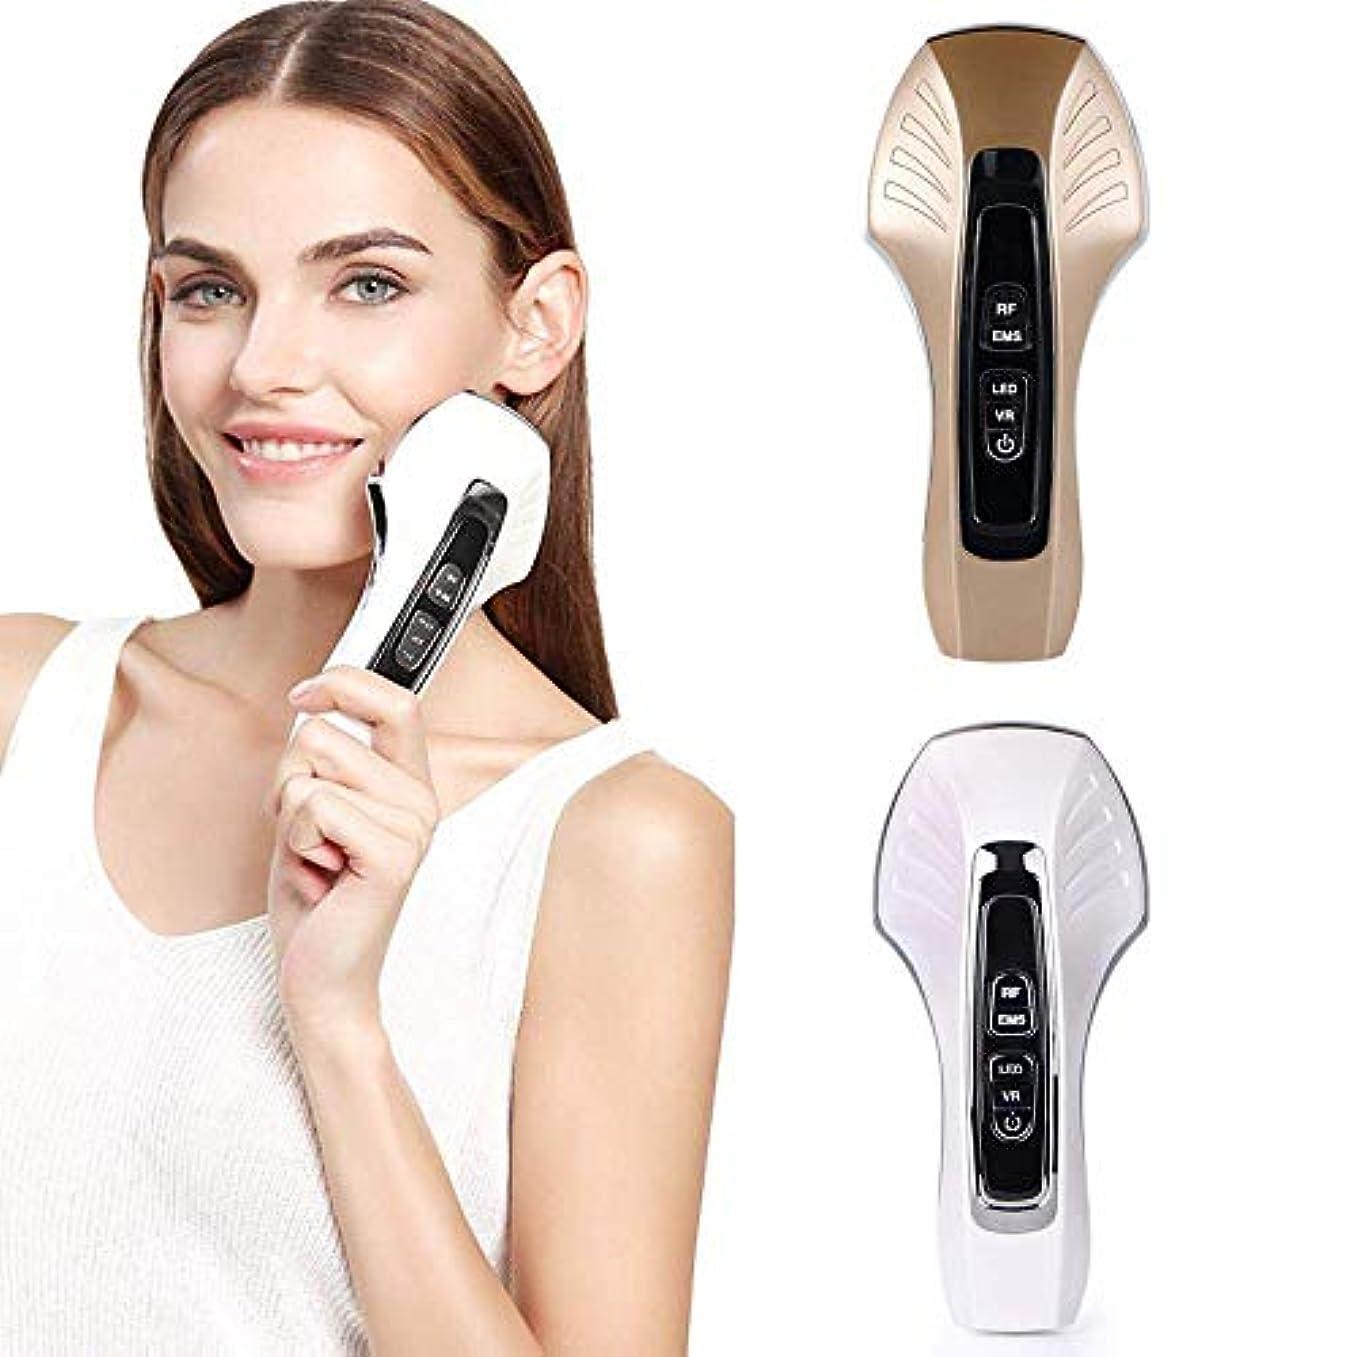 分エッセンス対応するEMS微細電流フェイシャル振動マッサージ顔、顔の薄い顔RF無線周波数美容器具ホワイトニング及び若返りマッサージと顔リフティング